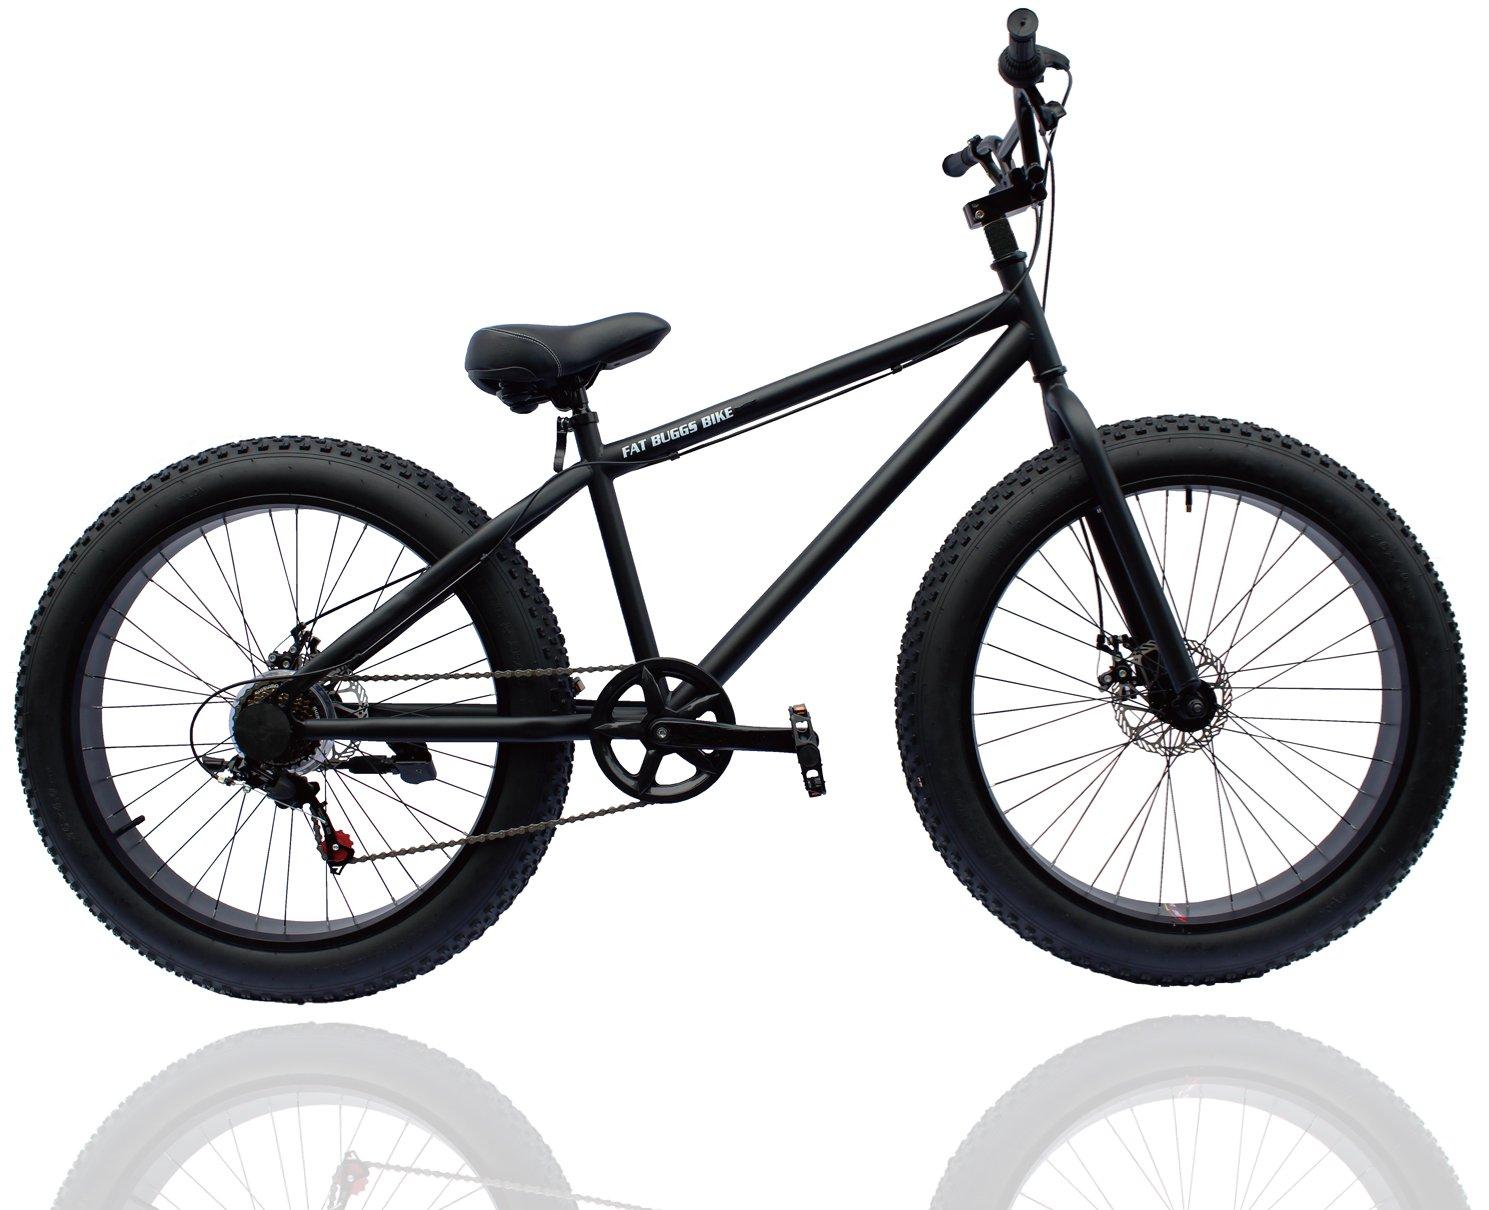 ファットバイク FAT BIKE 26インチ 7段変速ギア付き 自転車 B01KHMP3E8 マットブラック マットブラック